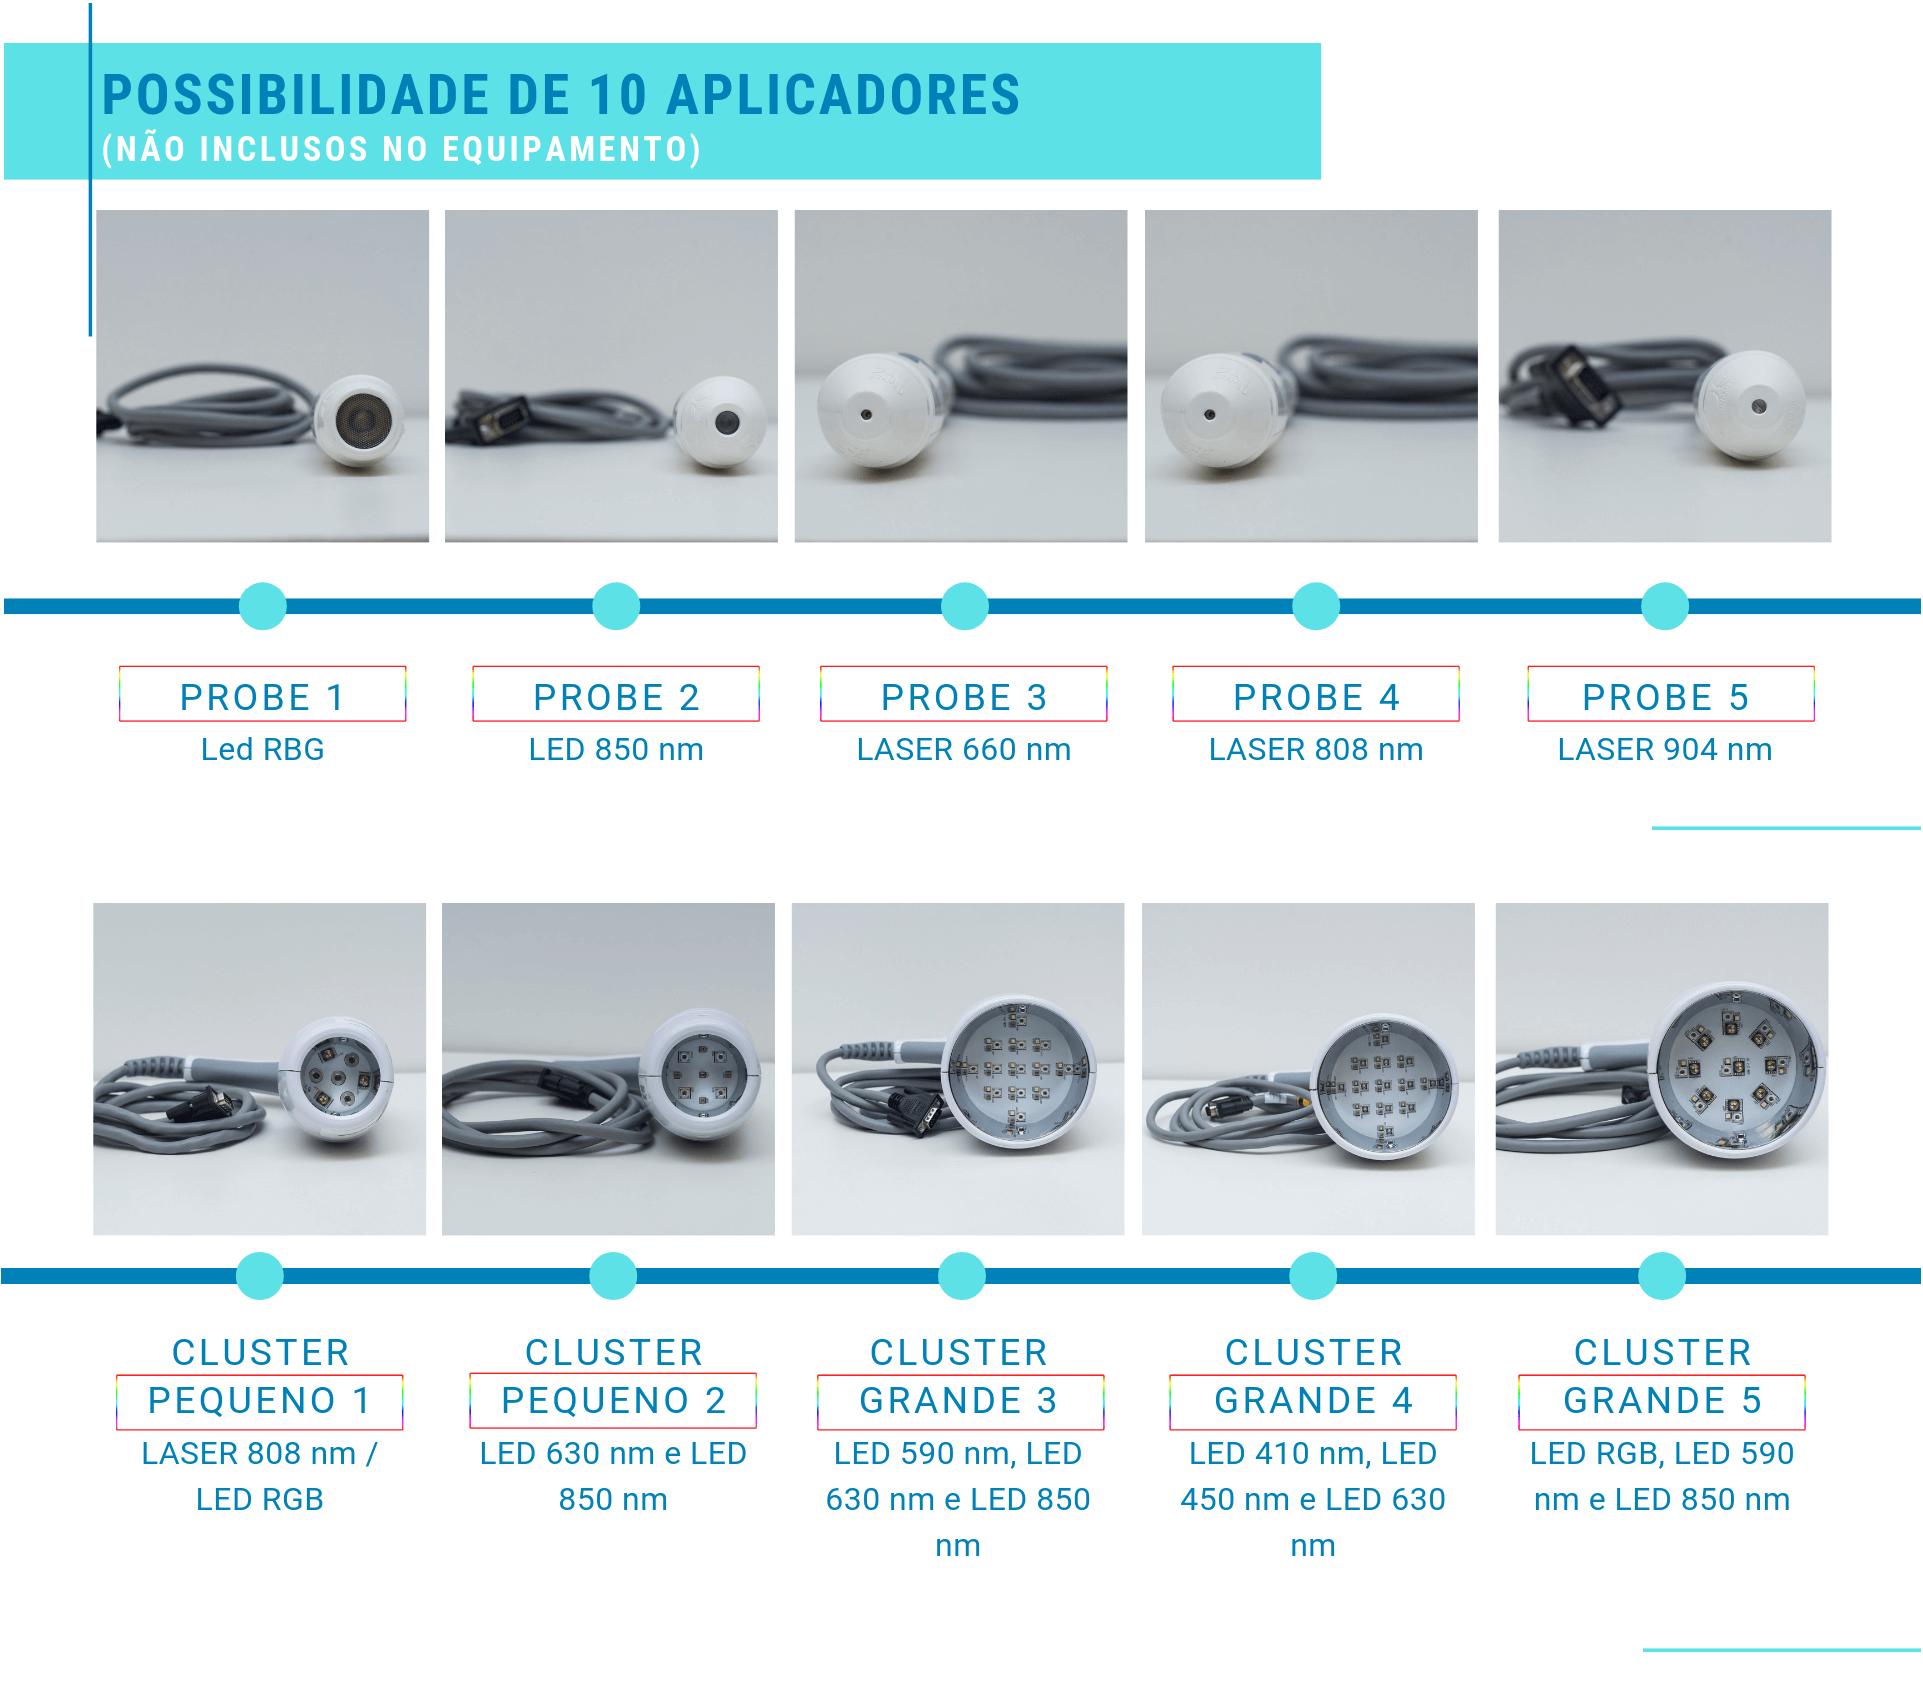 ANTARES IBRAMED - APARELHO DE LED E LASER   - HB FISIOTERAPIA